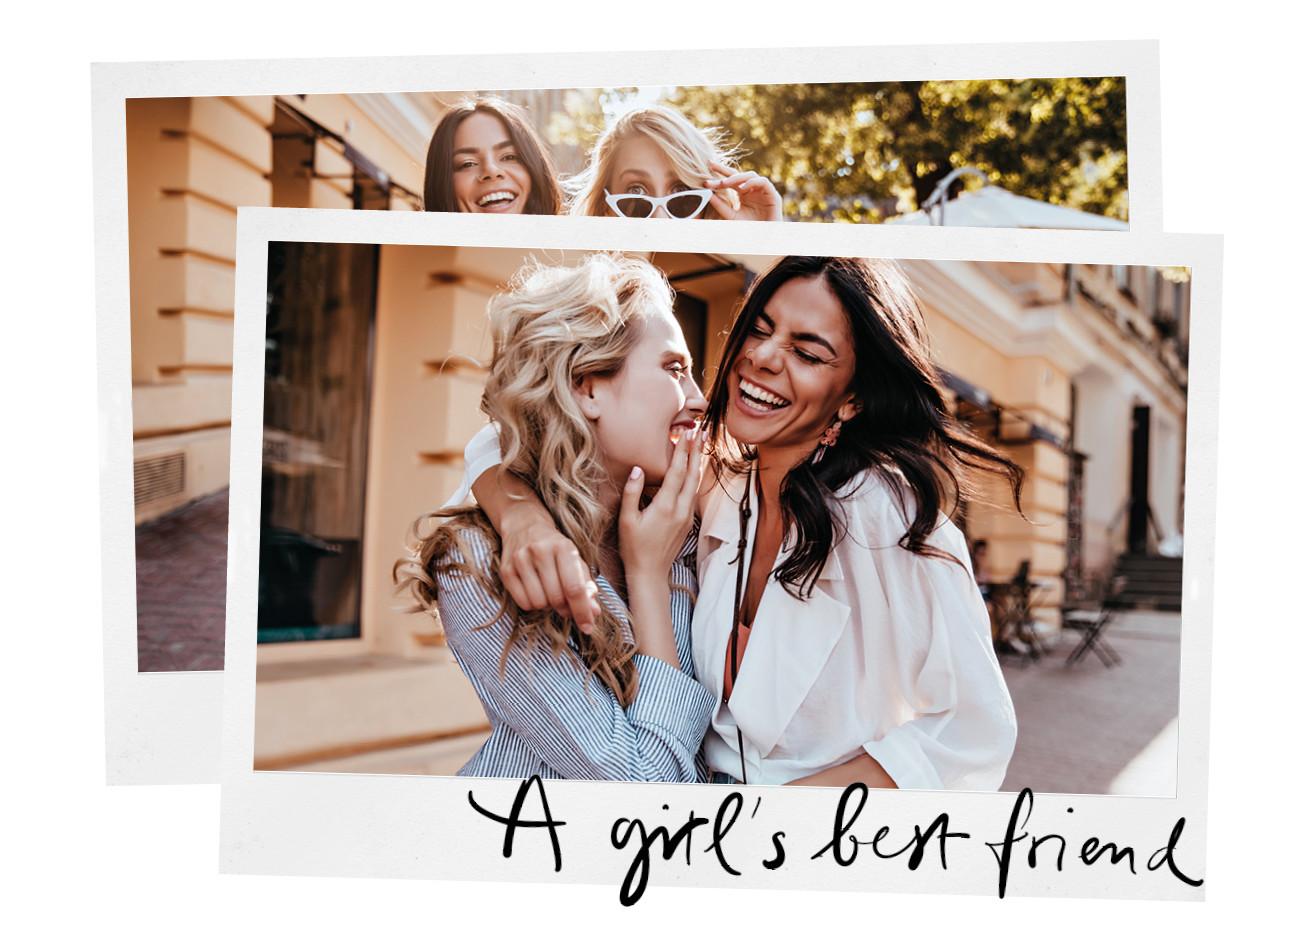 Dit zegt je sterrenbeeld over hoe je bent als beste vriendin